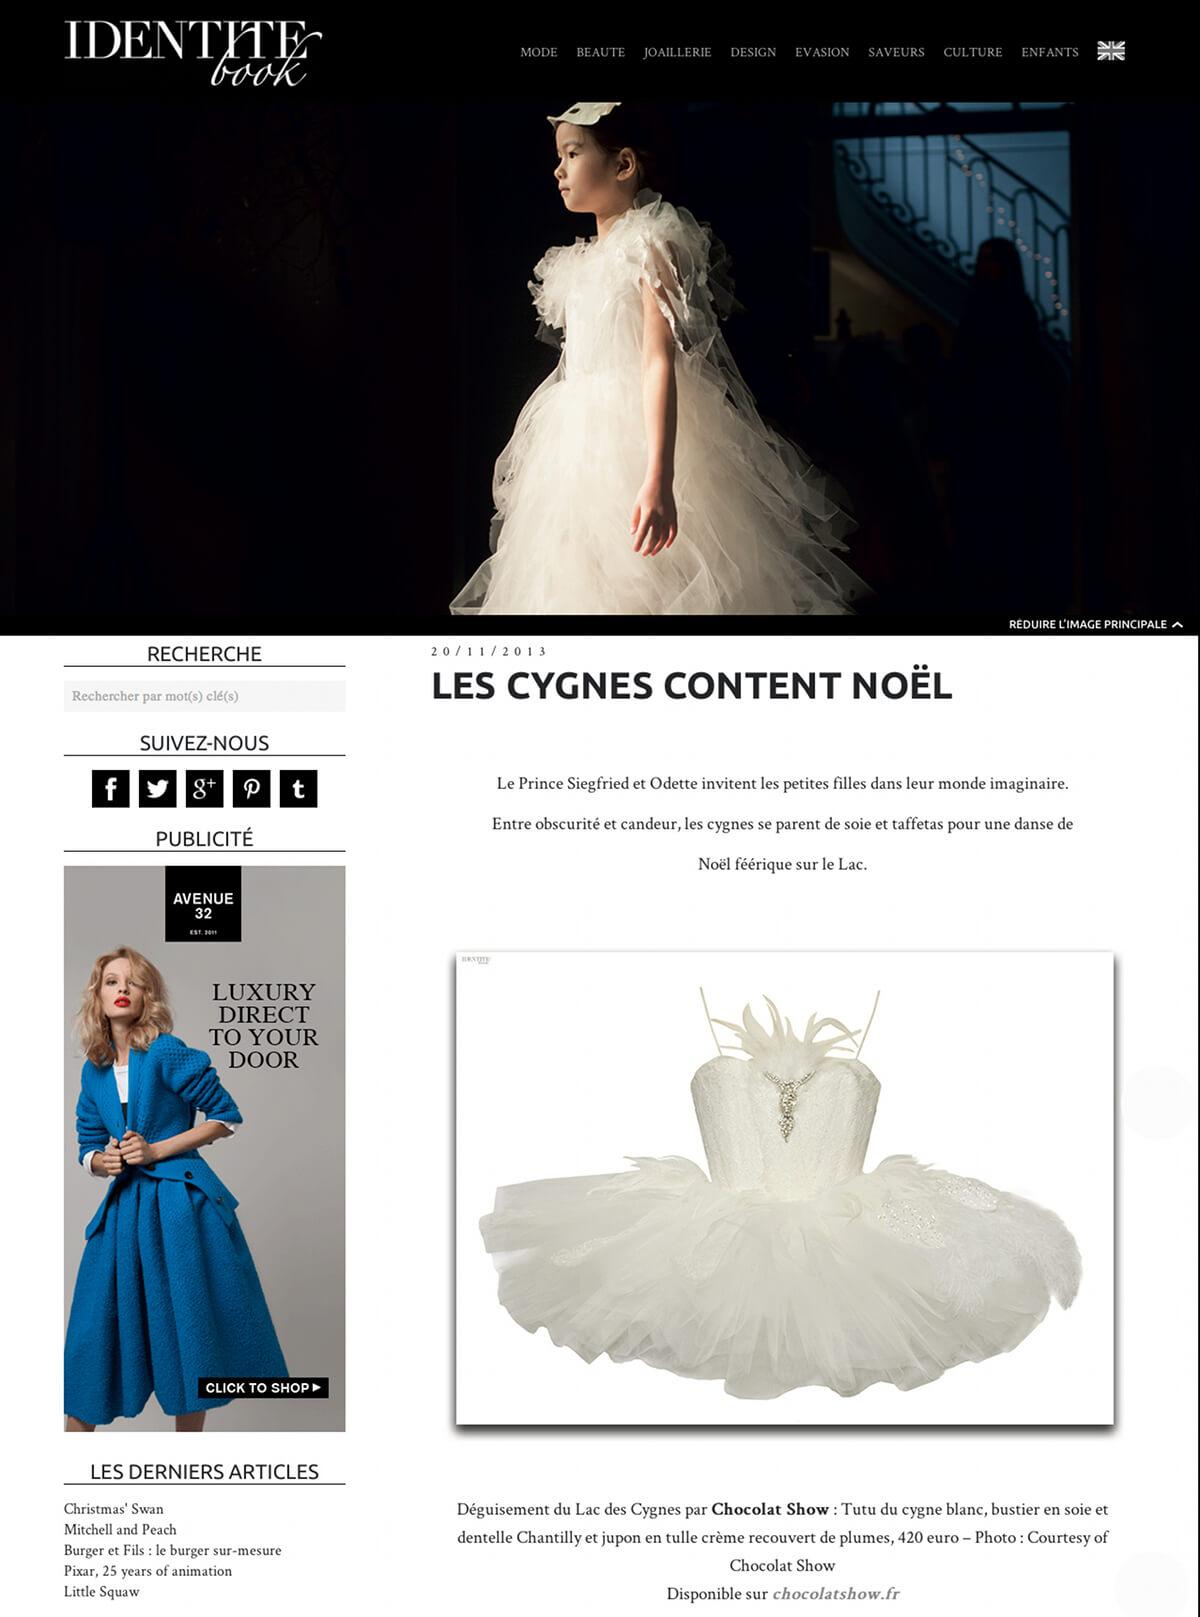 Lac-des-Cygnes-Noel-2013-Parution-Identite-book